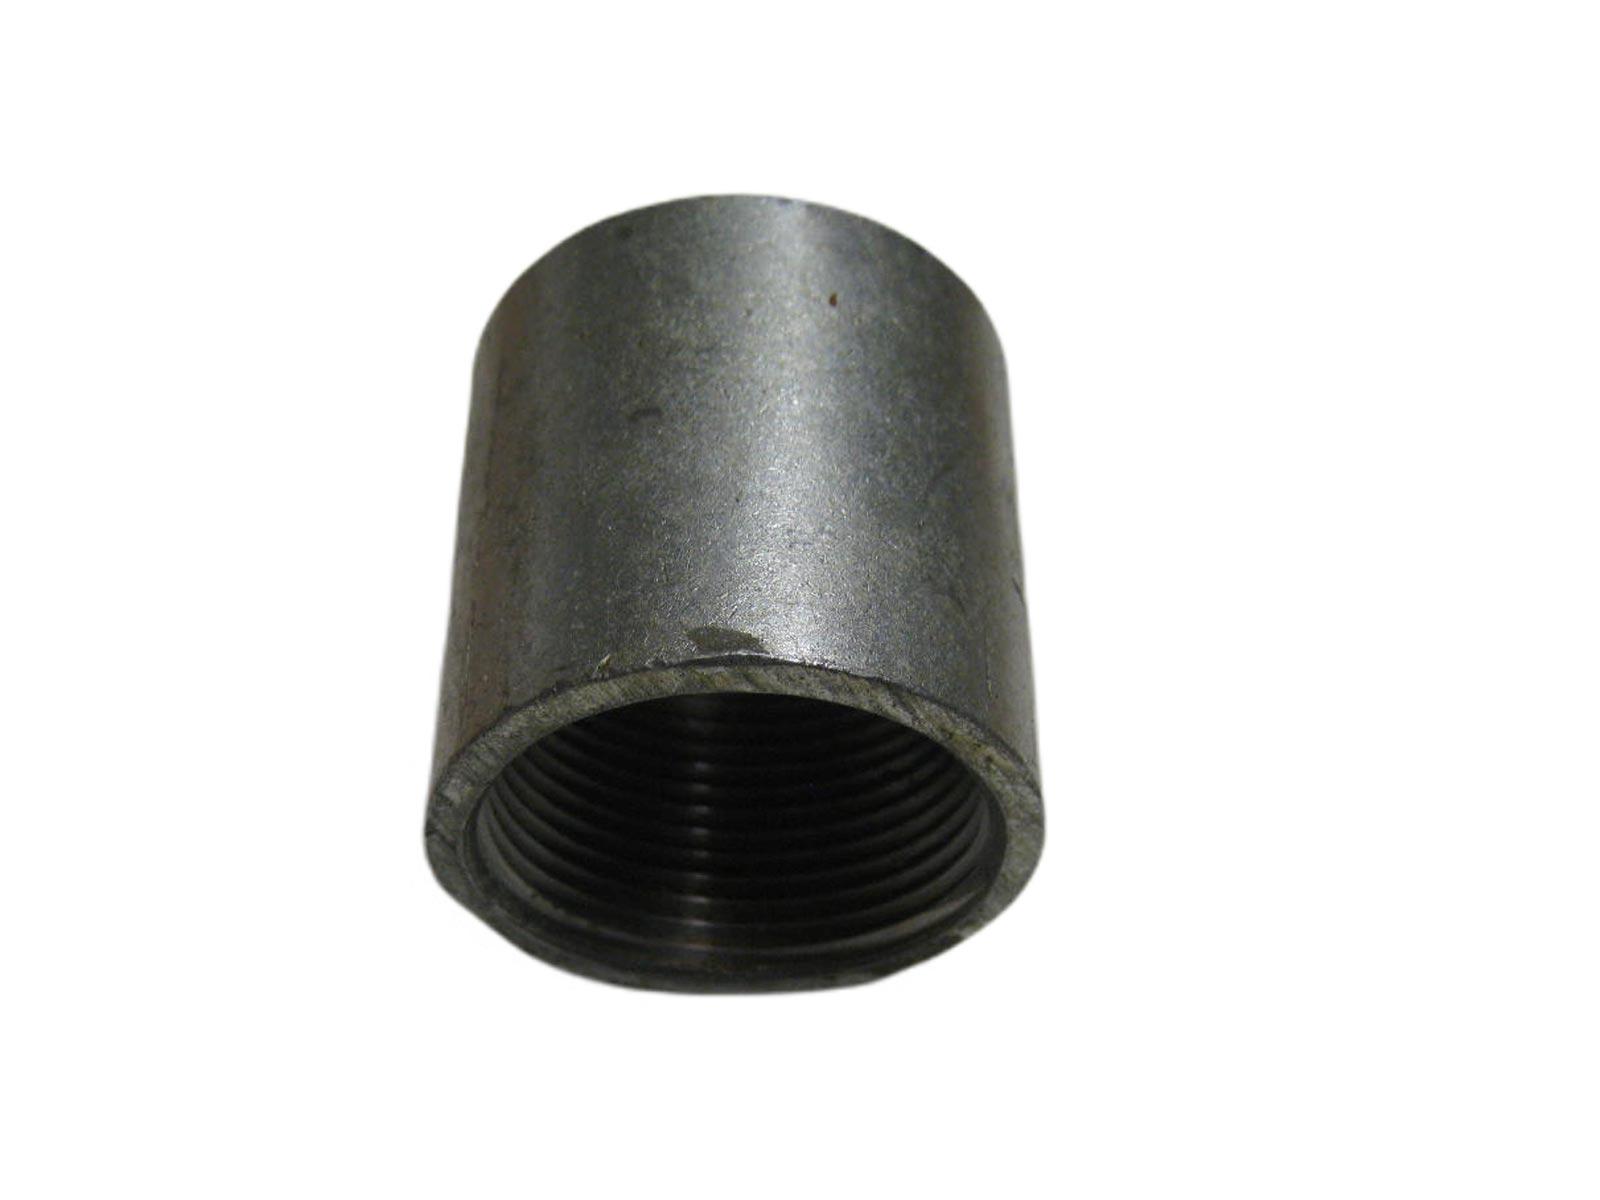 Muffe für Rammfilter 2 zoll Stahl